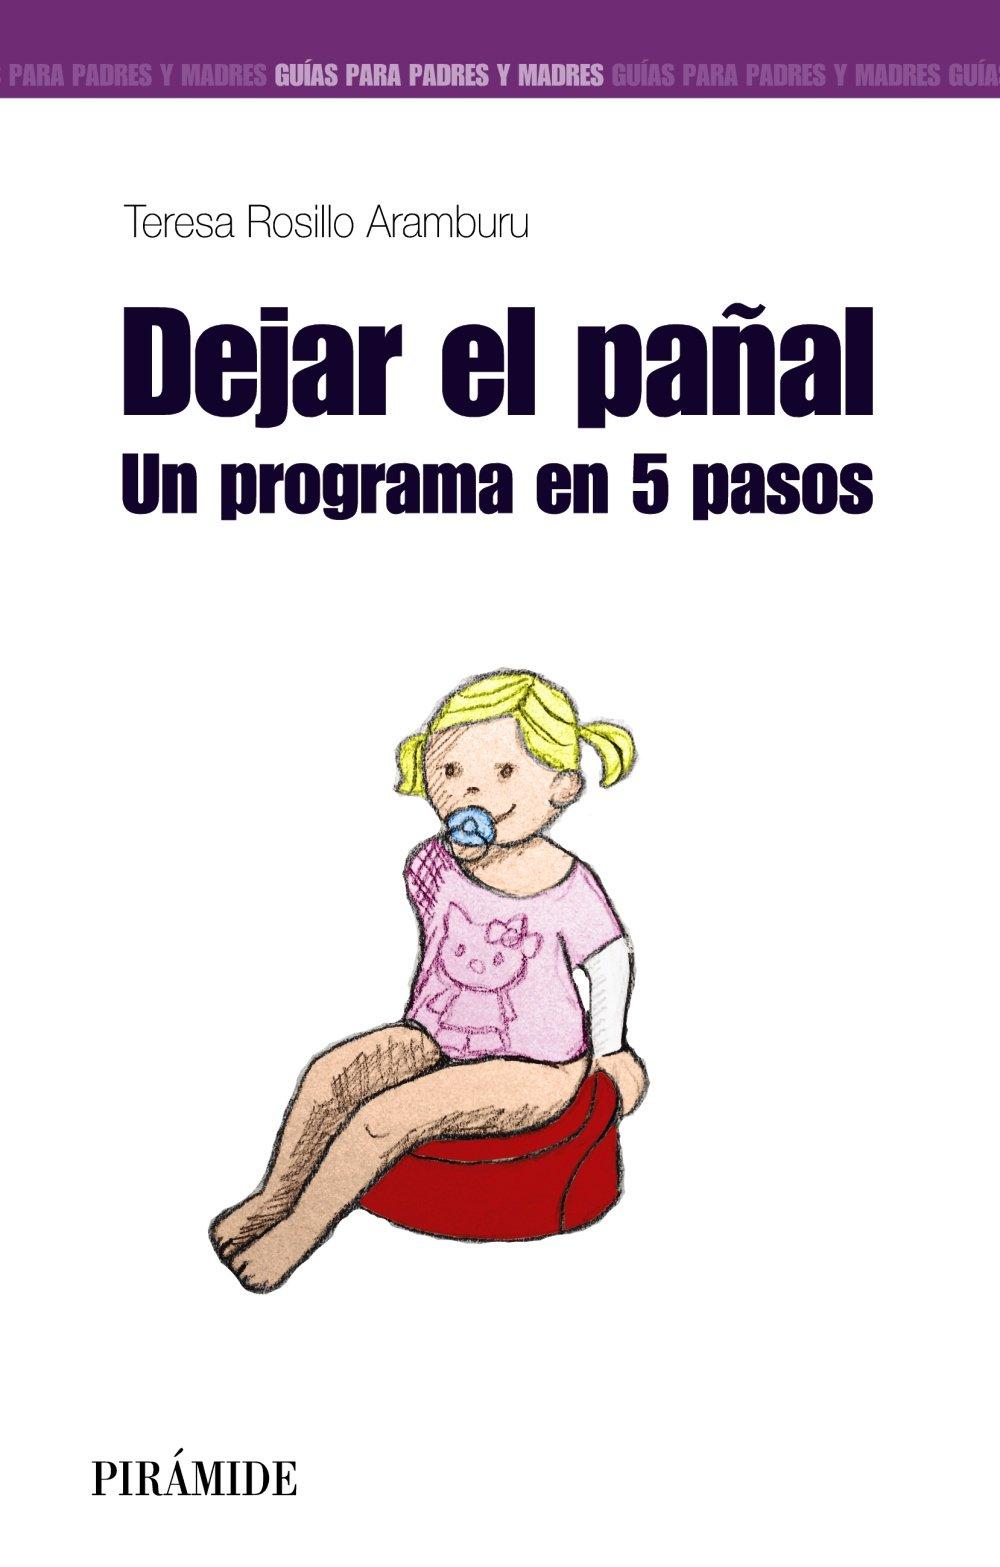 Dejar el pañal: Un programa en 5 pasos Guías Para Padres Y Madres: Amazon.es: Teresa Rosillo Aramburu: Libros